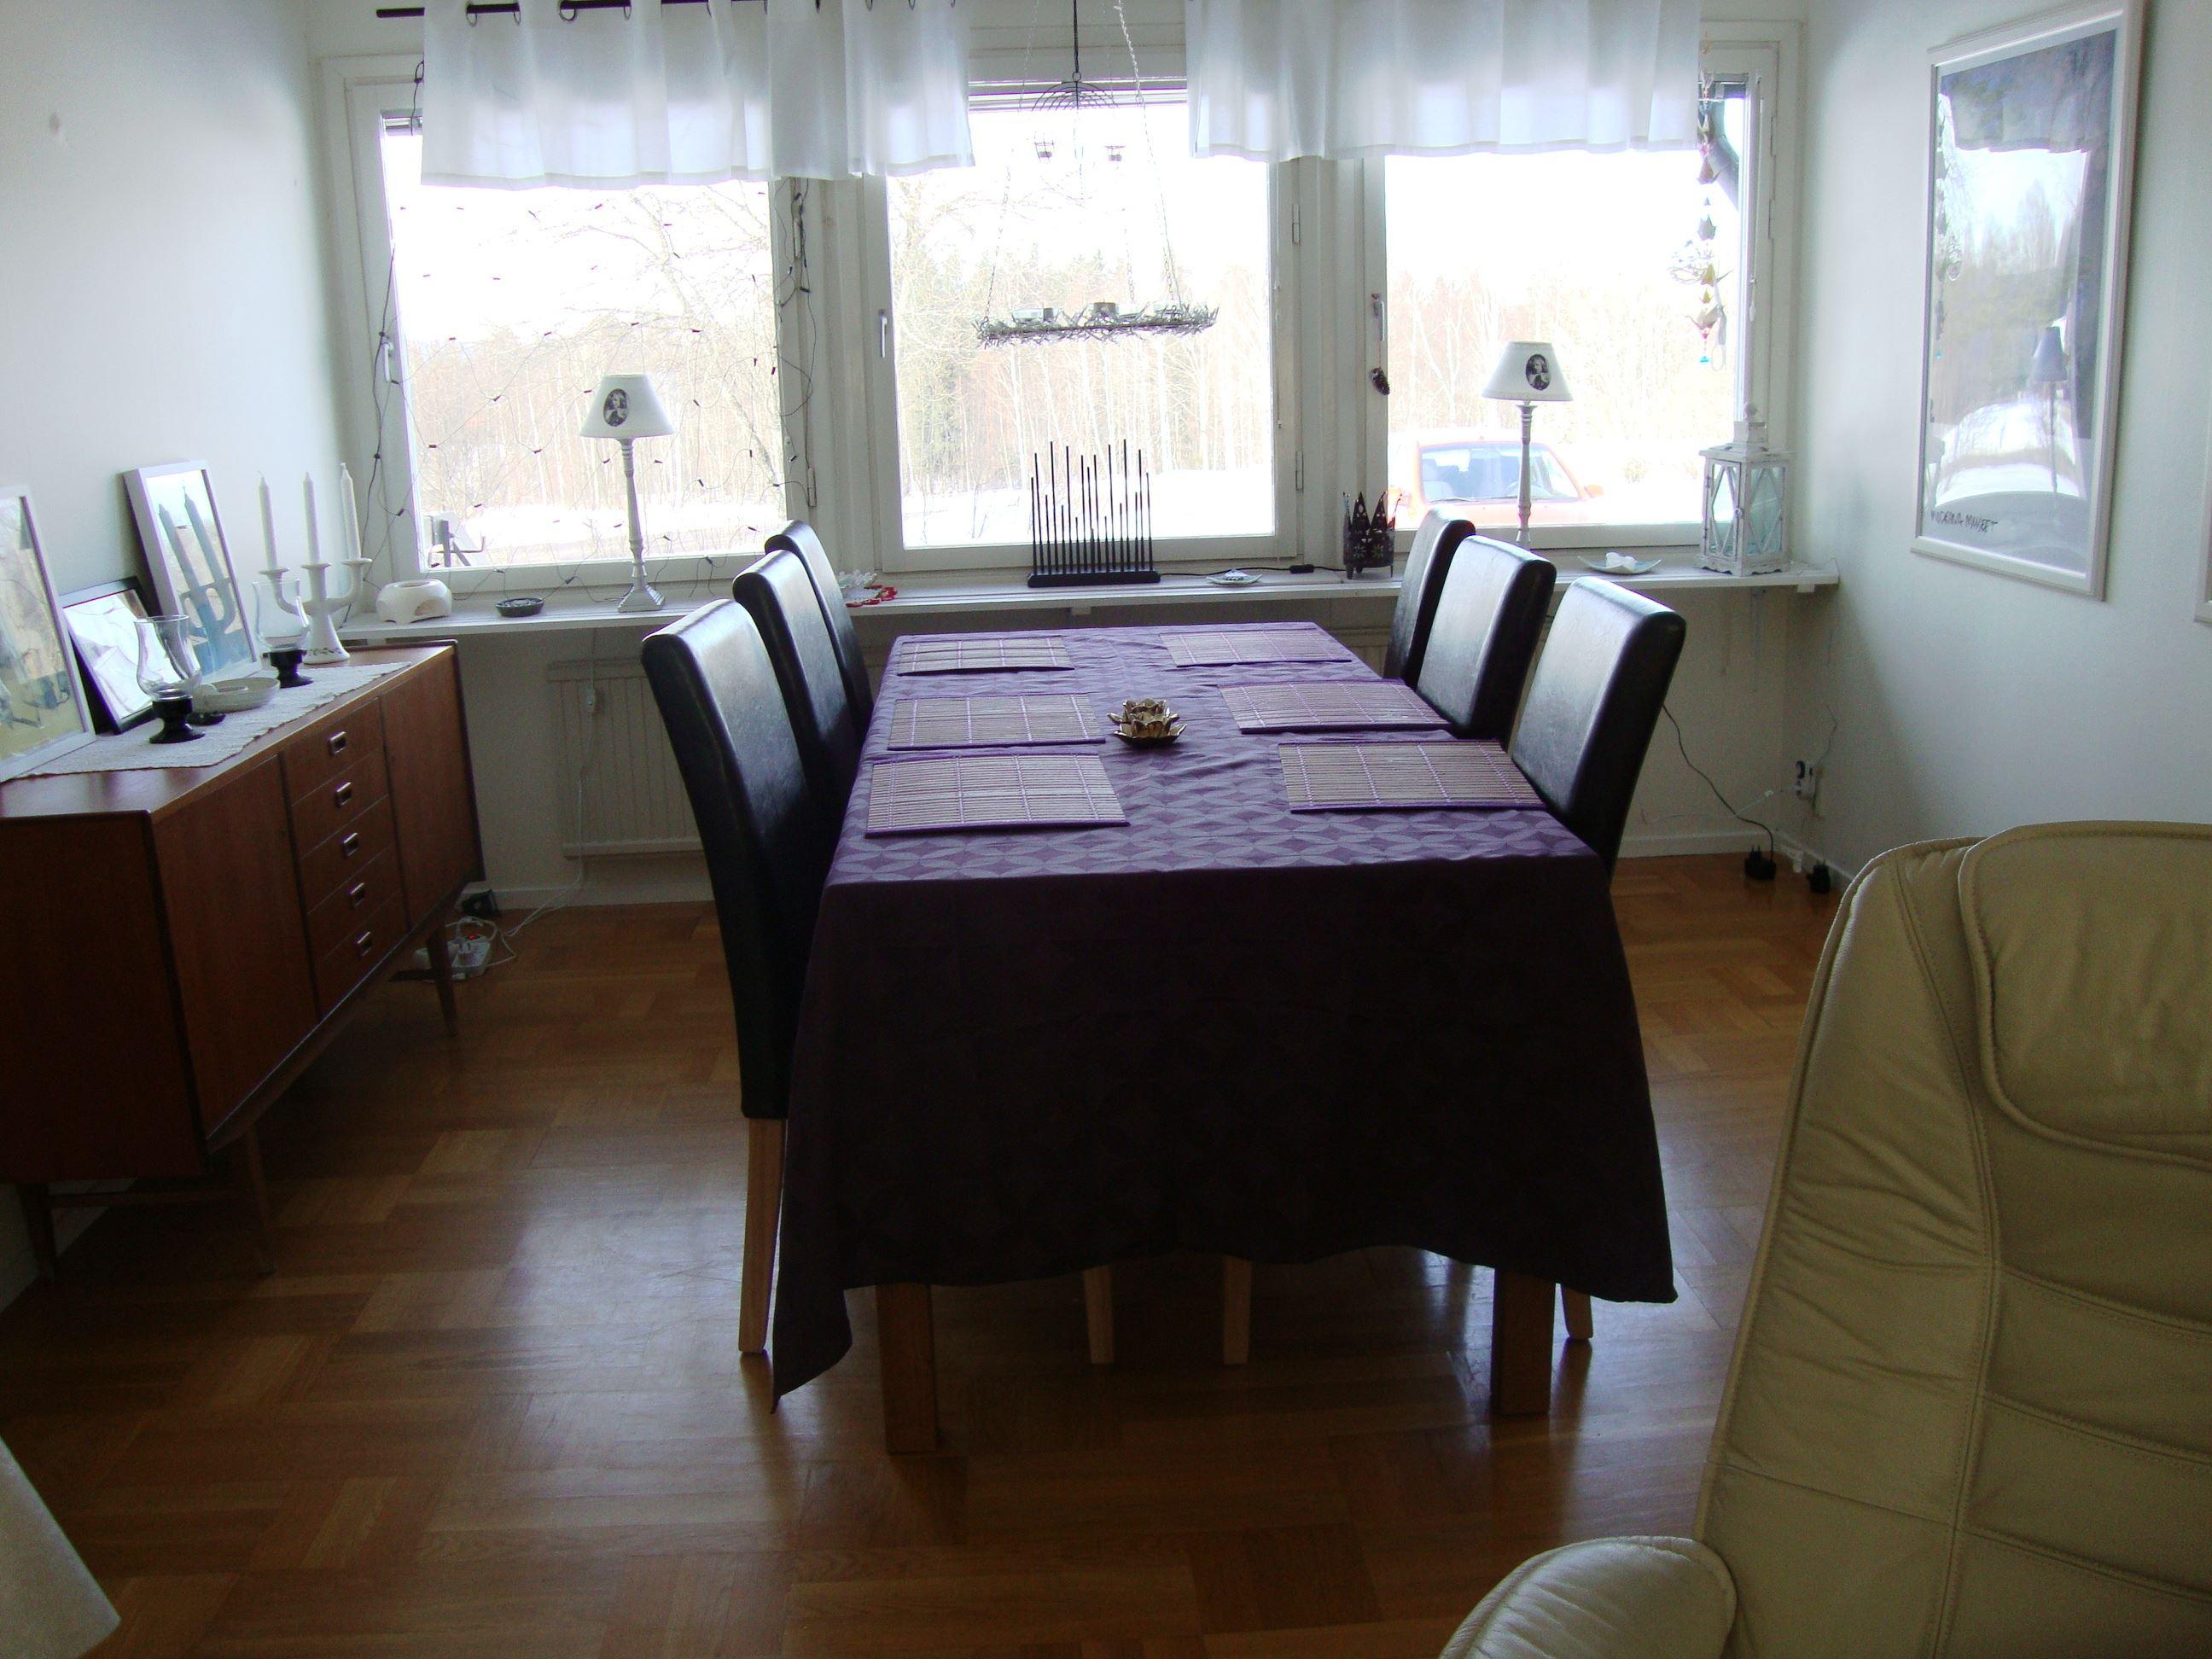 Vasaloppet Sommar. Privatrum M902 Sollerön, Mora